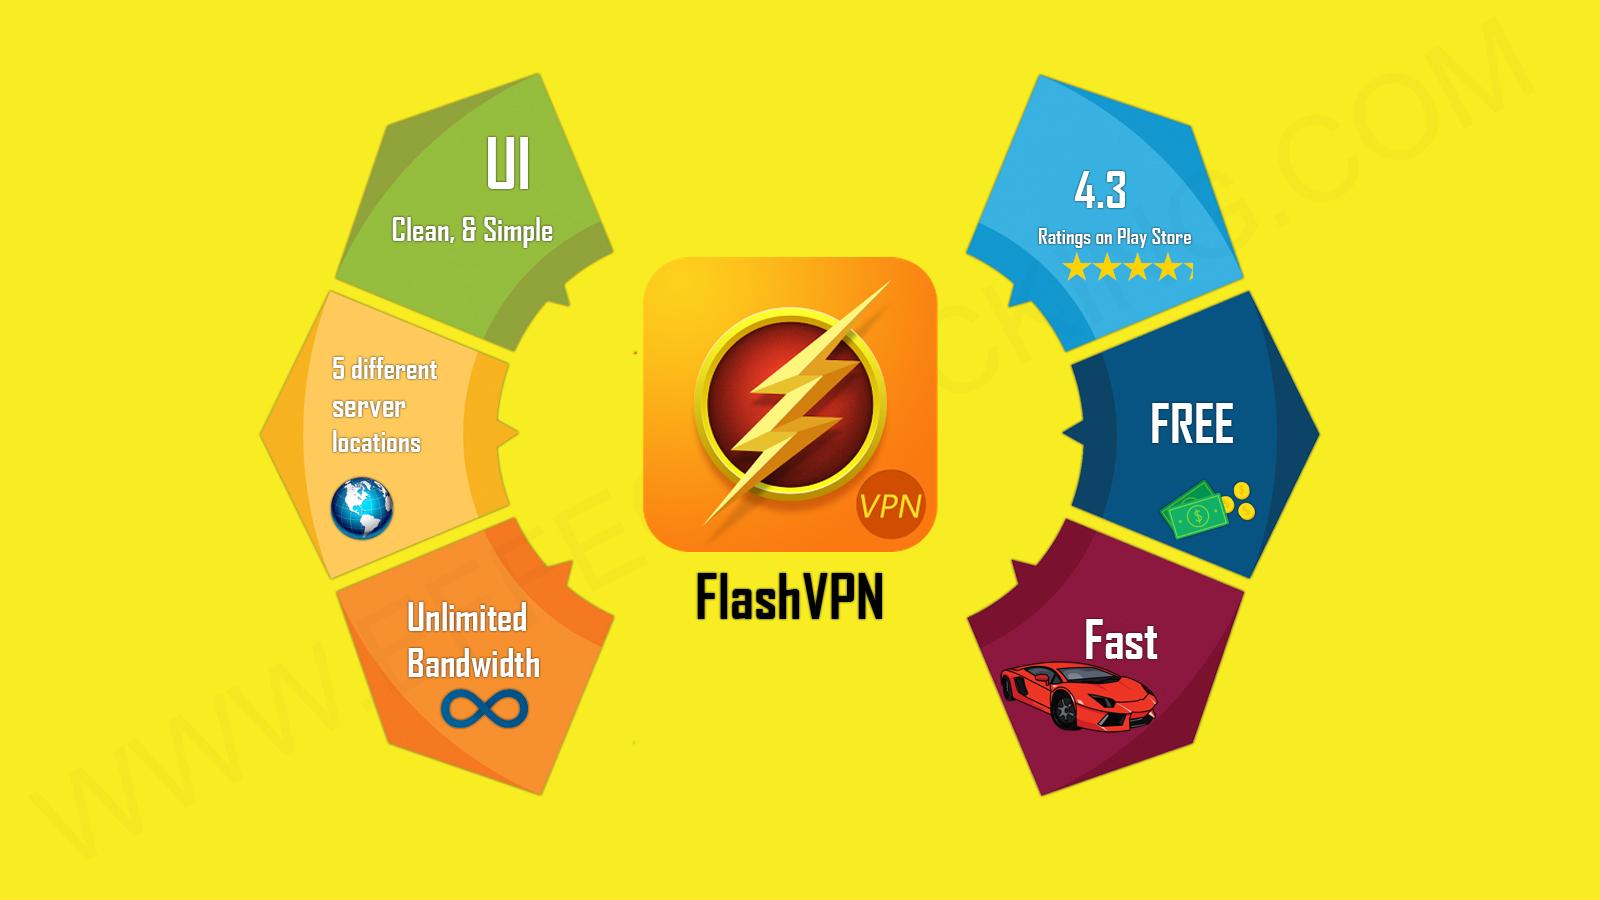 FlashVPN फ्री वीपीएन प्रॉक्सी इन्फोग्राफिक